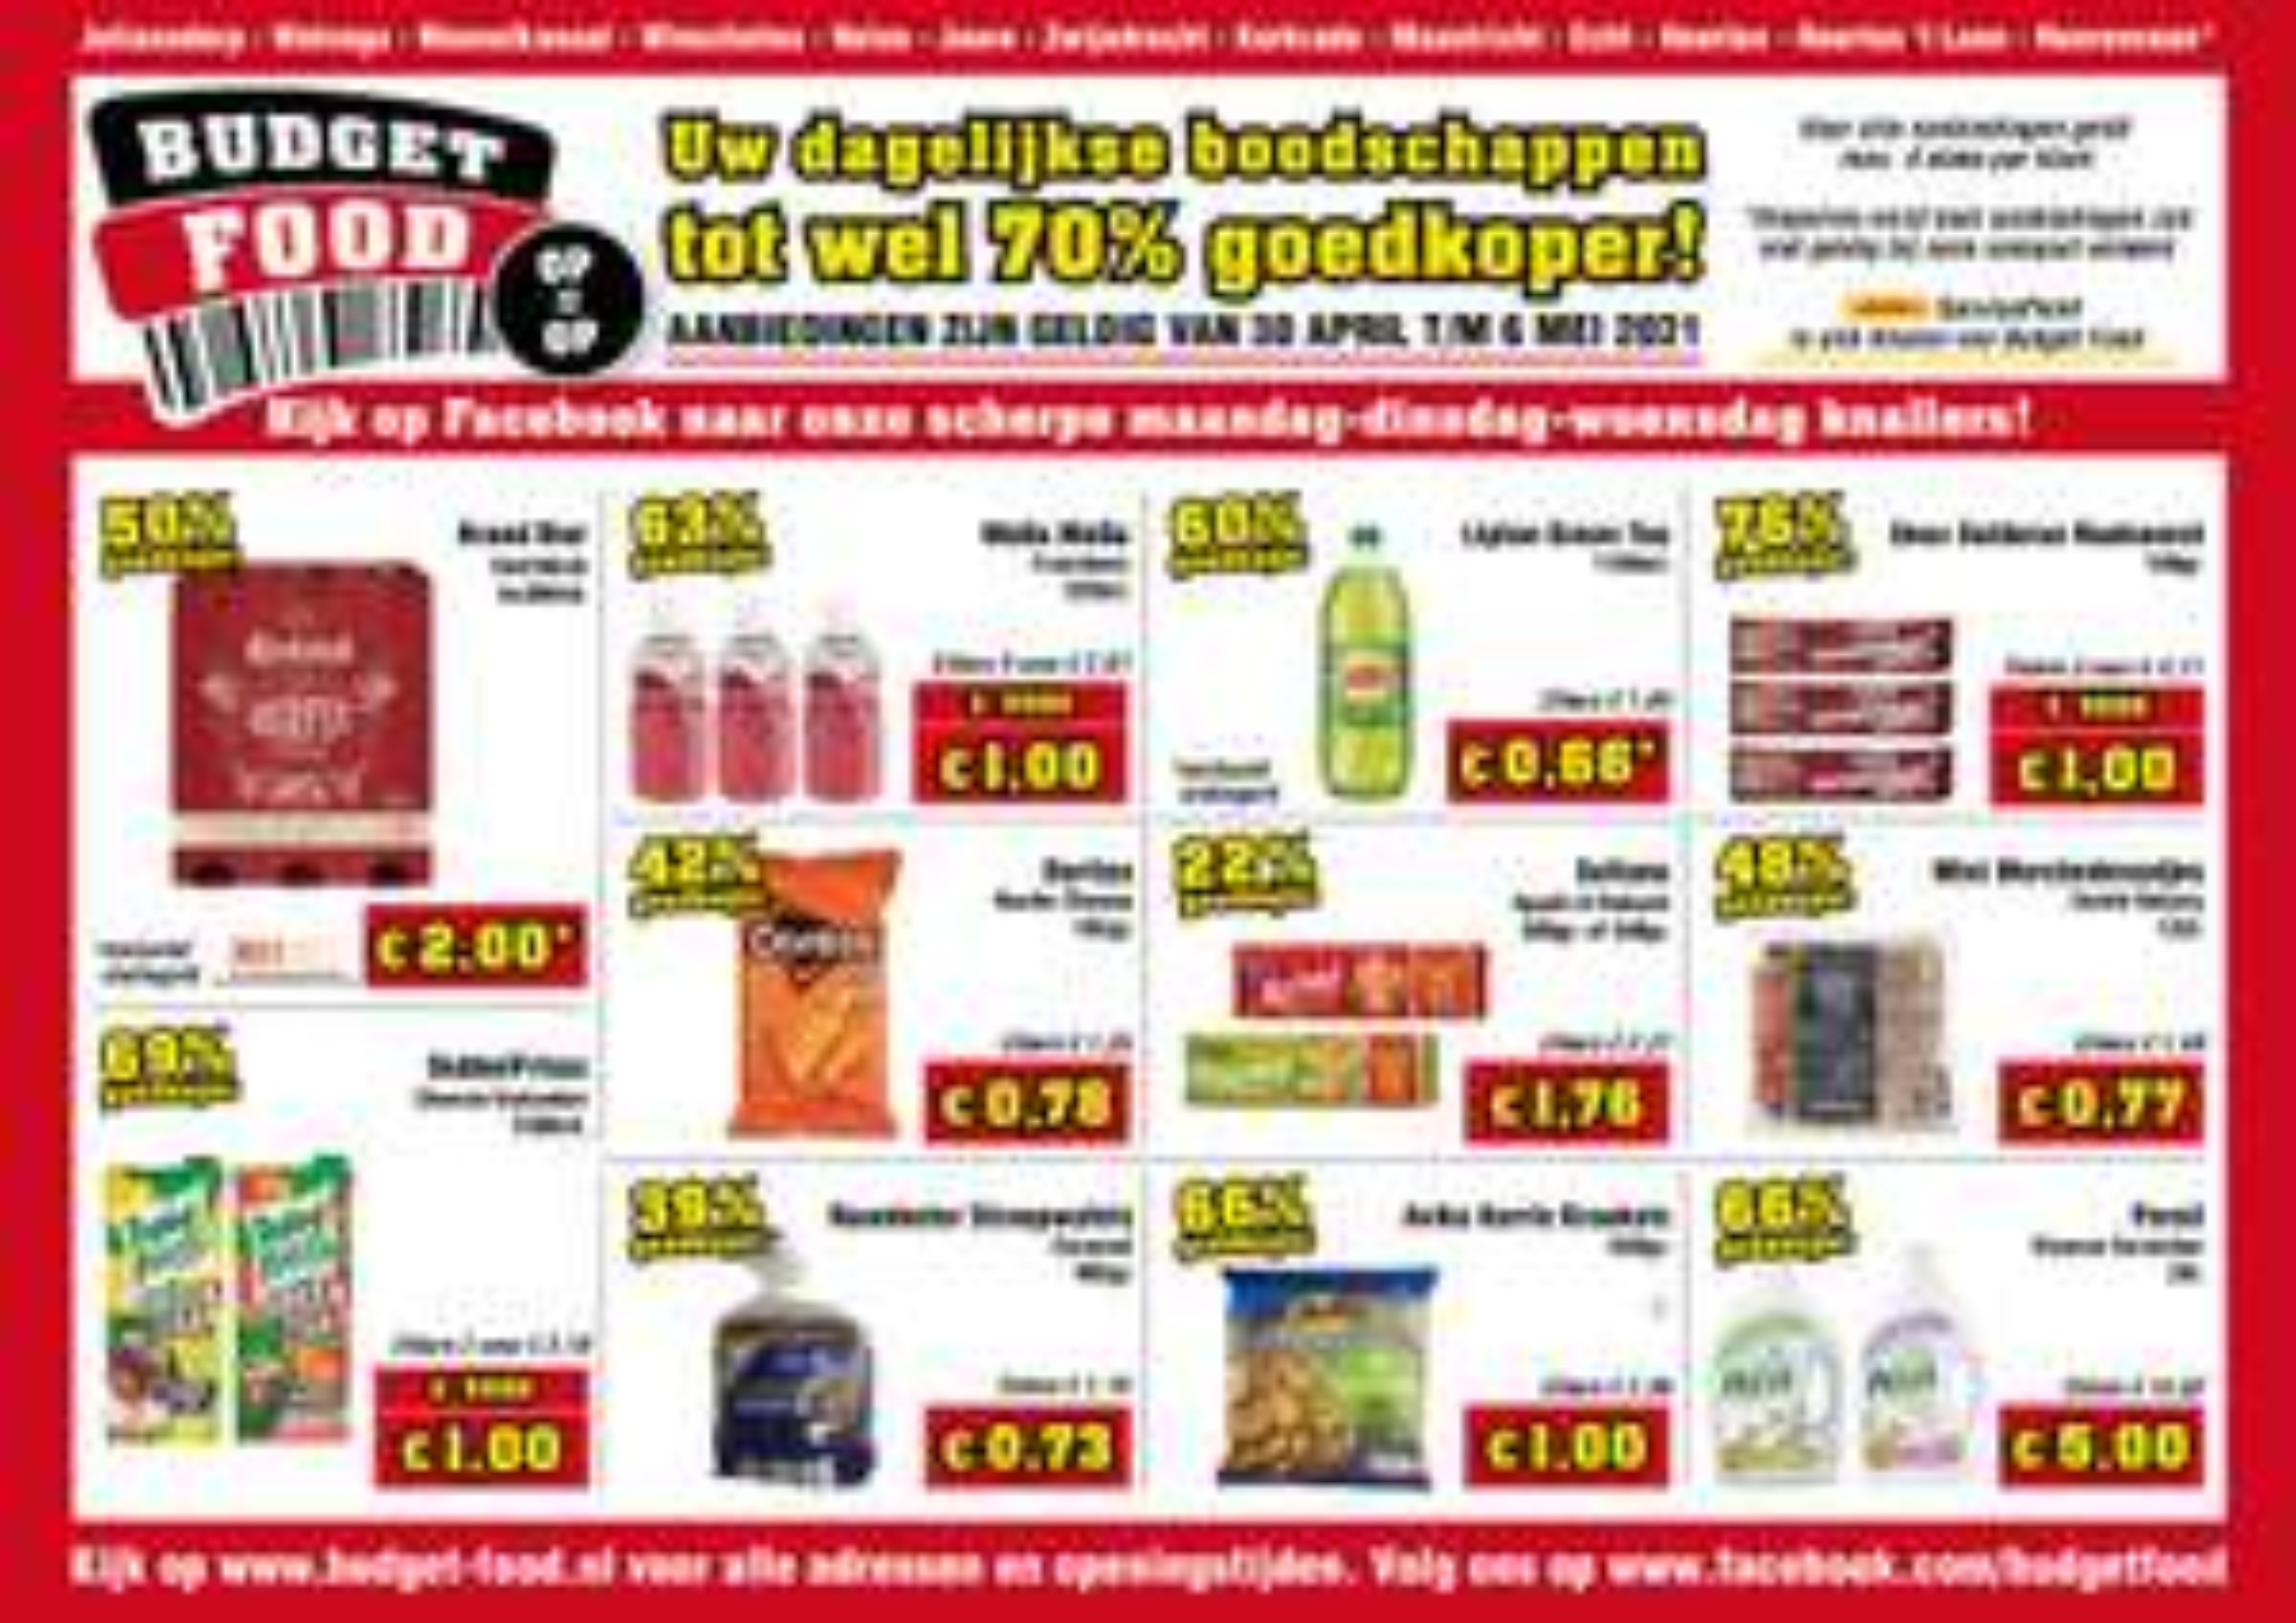 3 Rookworsten voor €1 en andere Aanbiedingen (tot 76% korting) @ Budget-Food (Week 18)